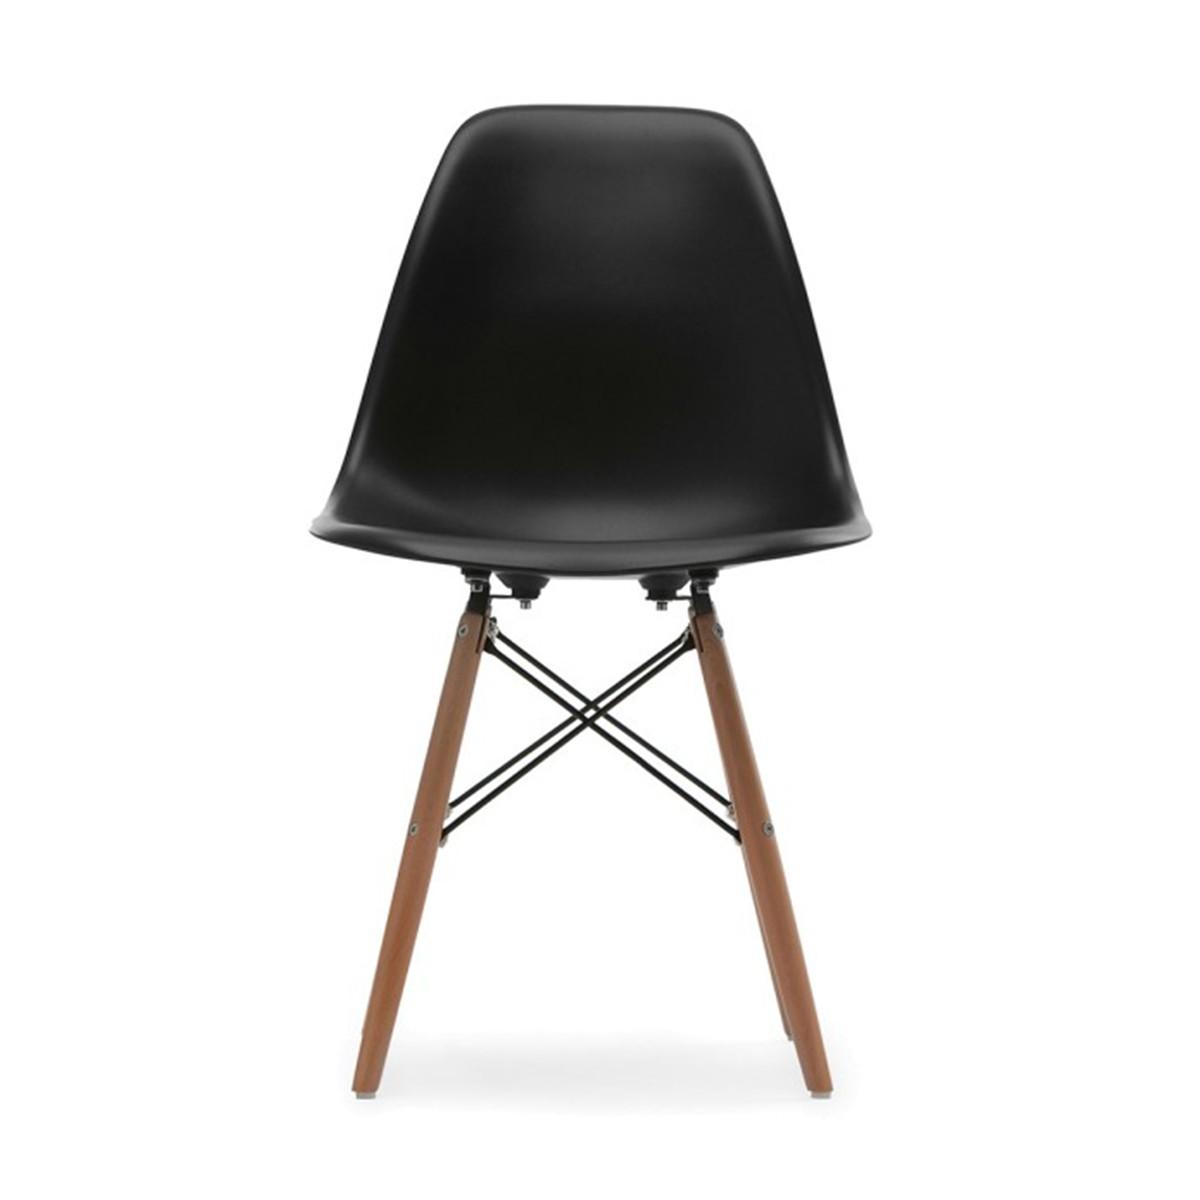 Chaise en plastique moulé noire avec pieds en bois (T811E006-BK)